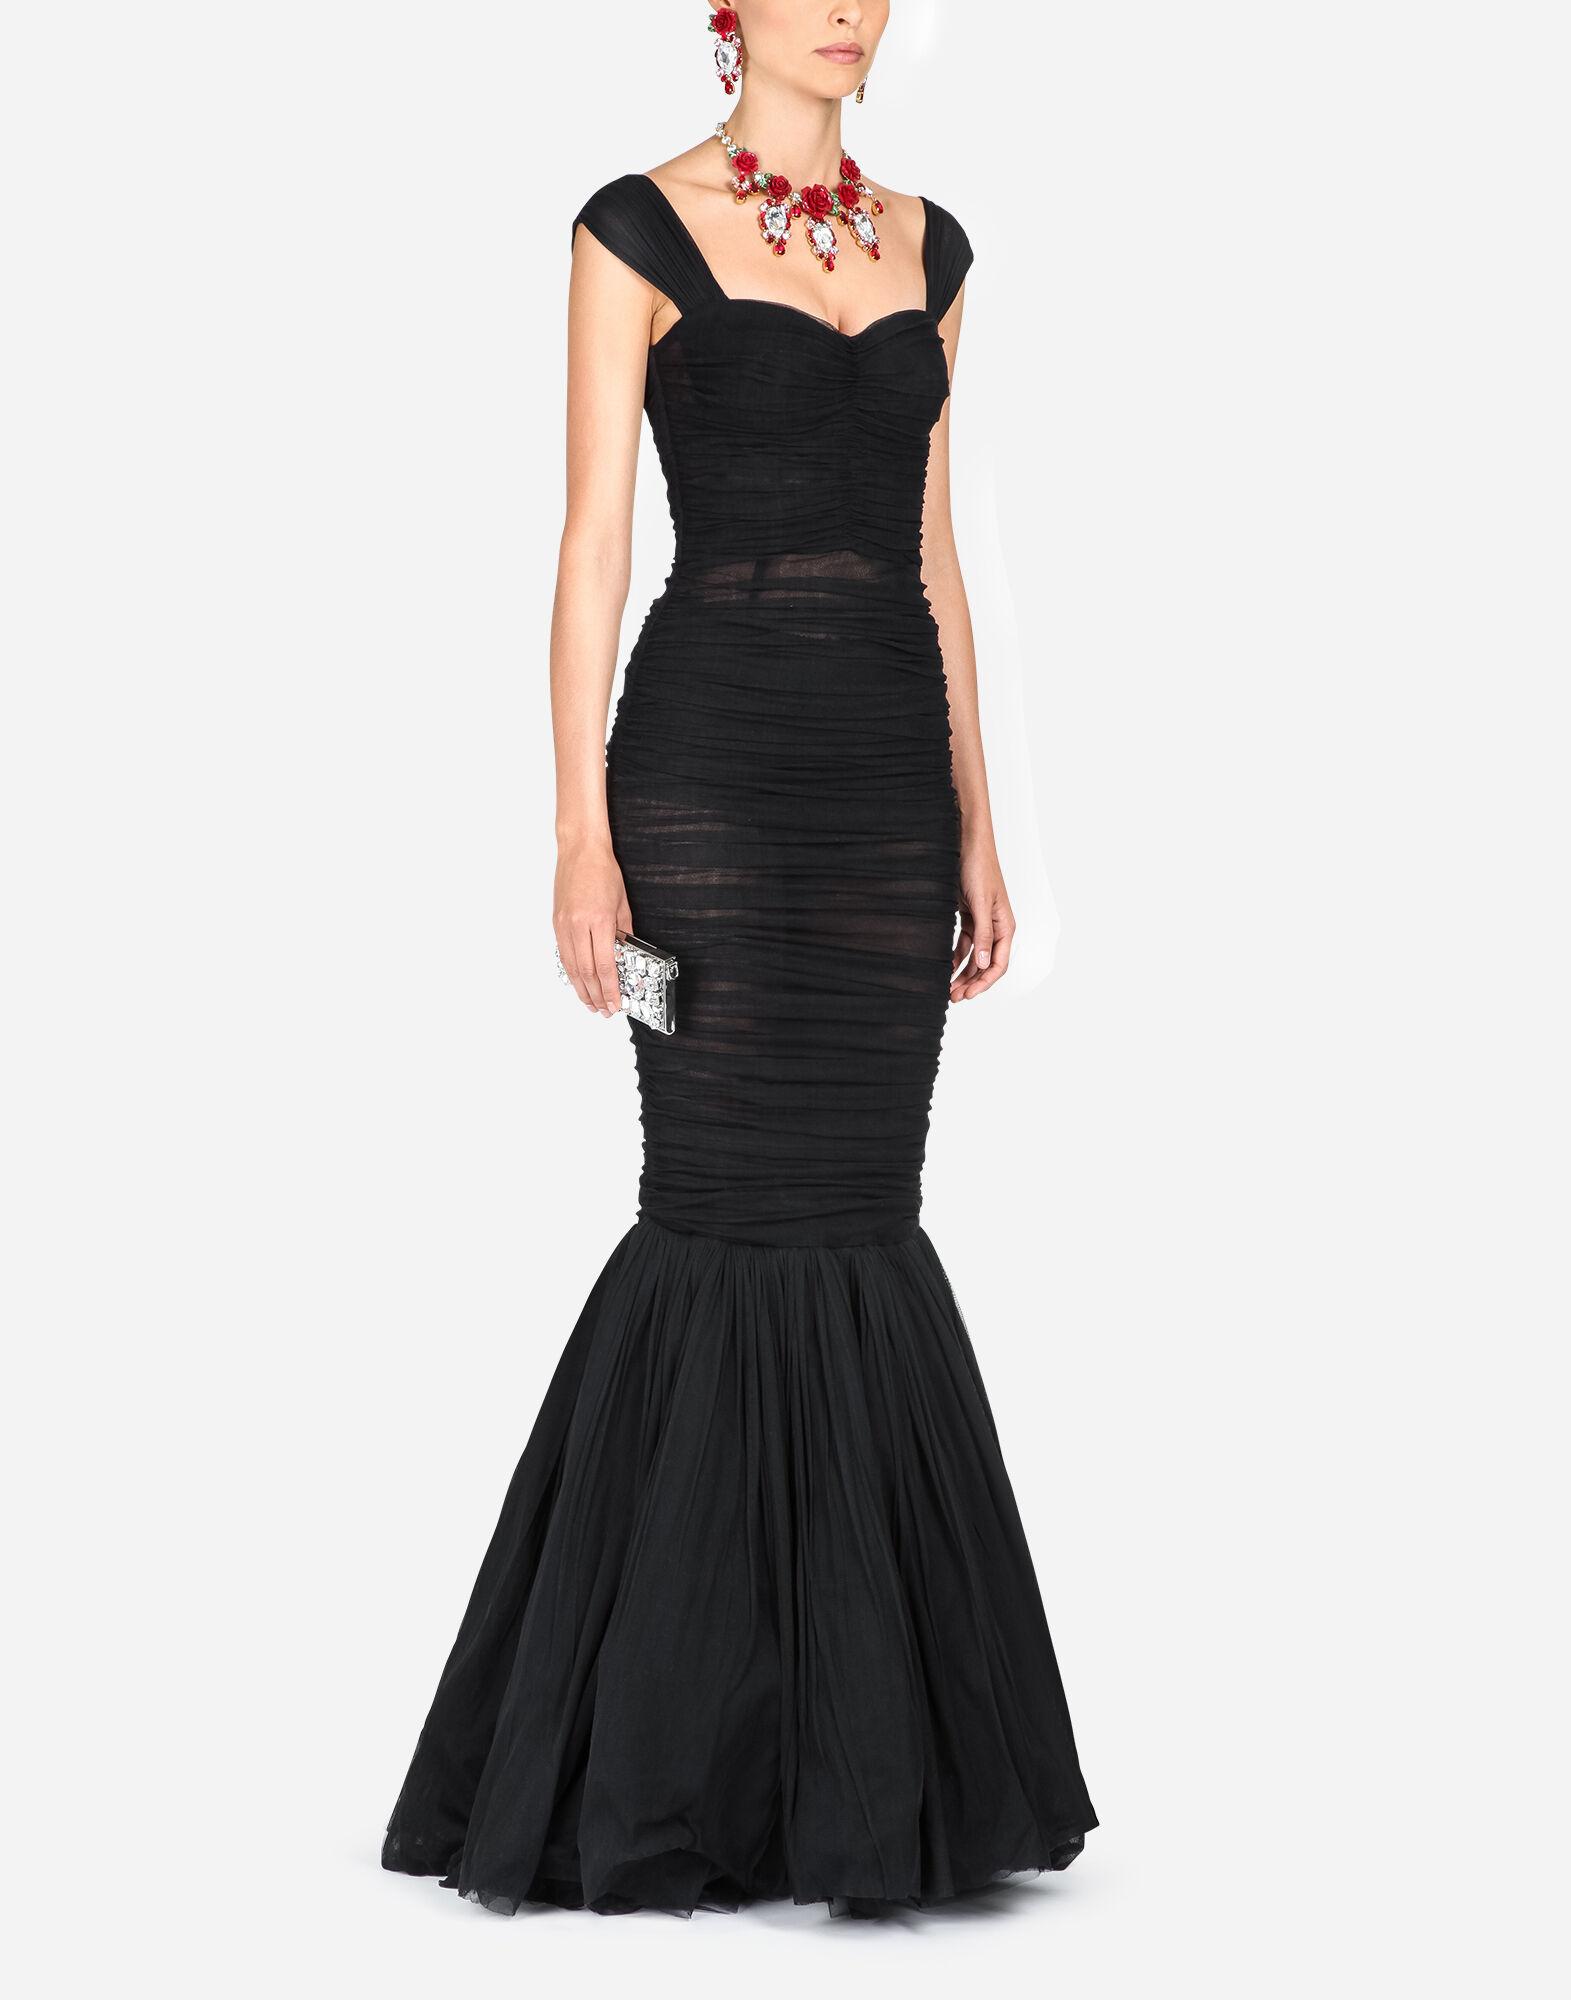 Colección Dolce Vestidos Mujer amp;Gabbana Nueva qtgPzWnE